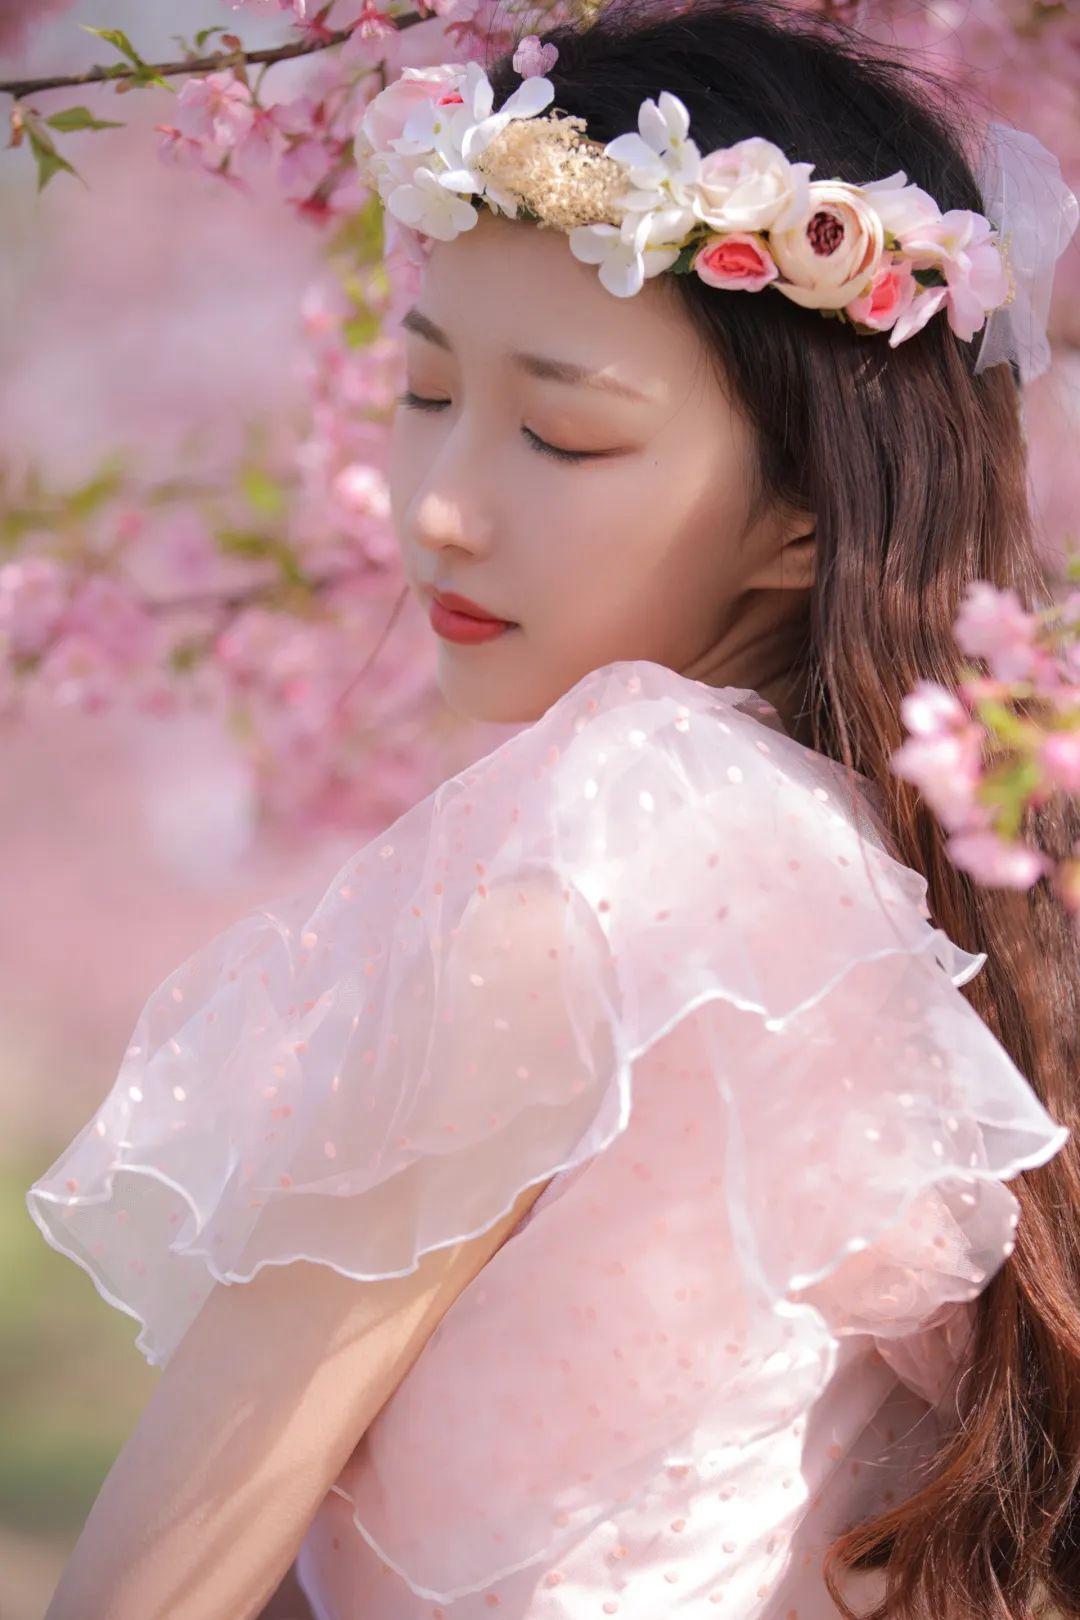 妹子摄影 – 粉粉的日系少女樱花树下写真_图片 No.24